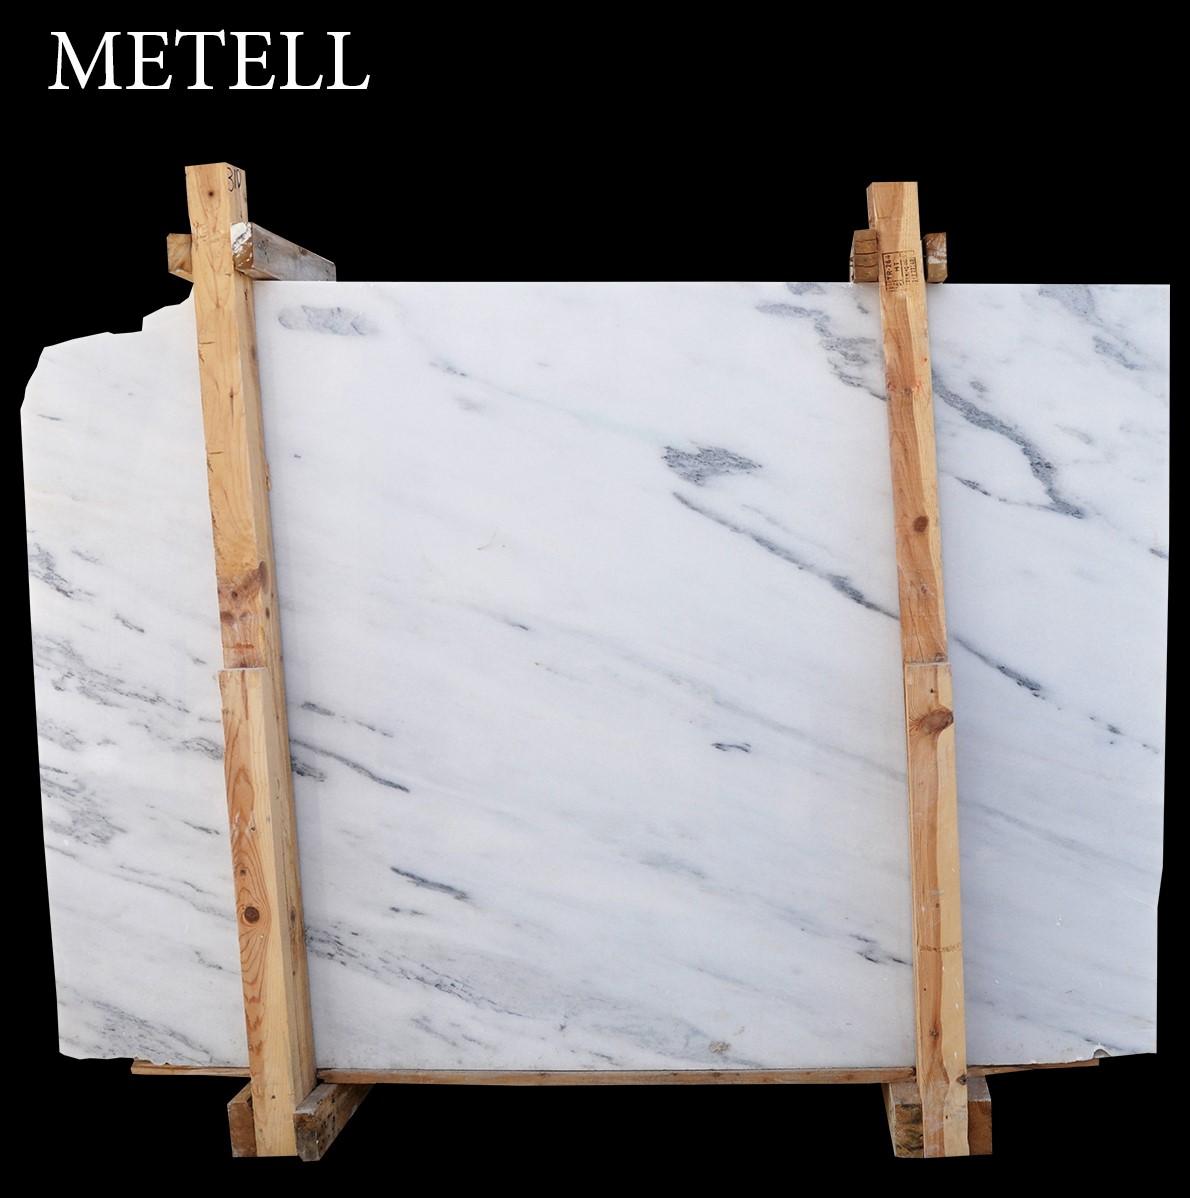 Mugla White Marble Slabs  Metell Slabs